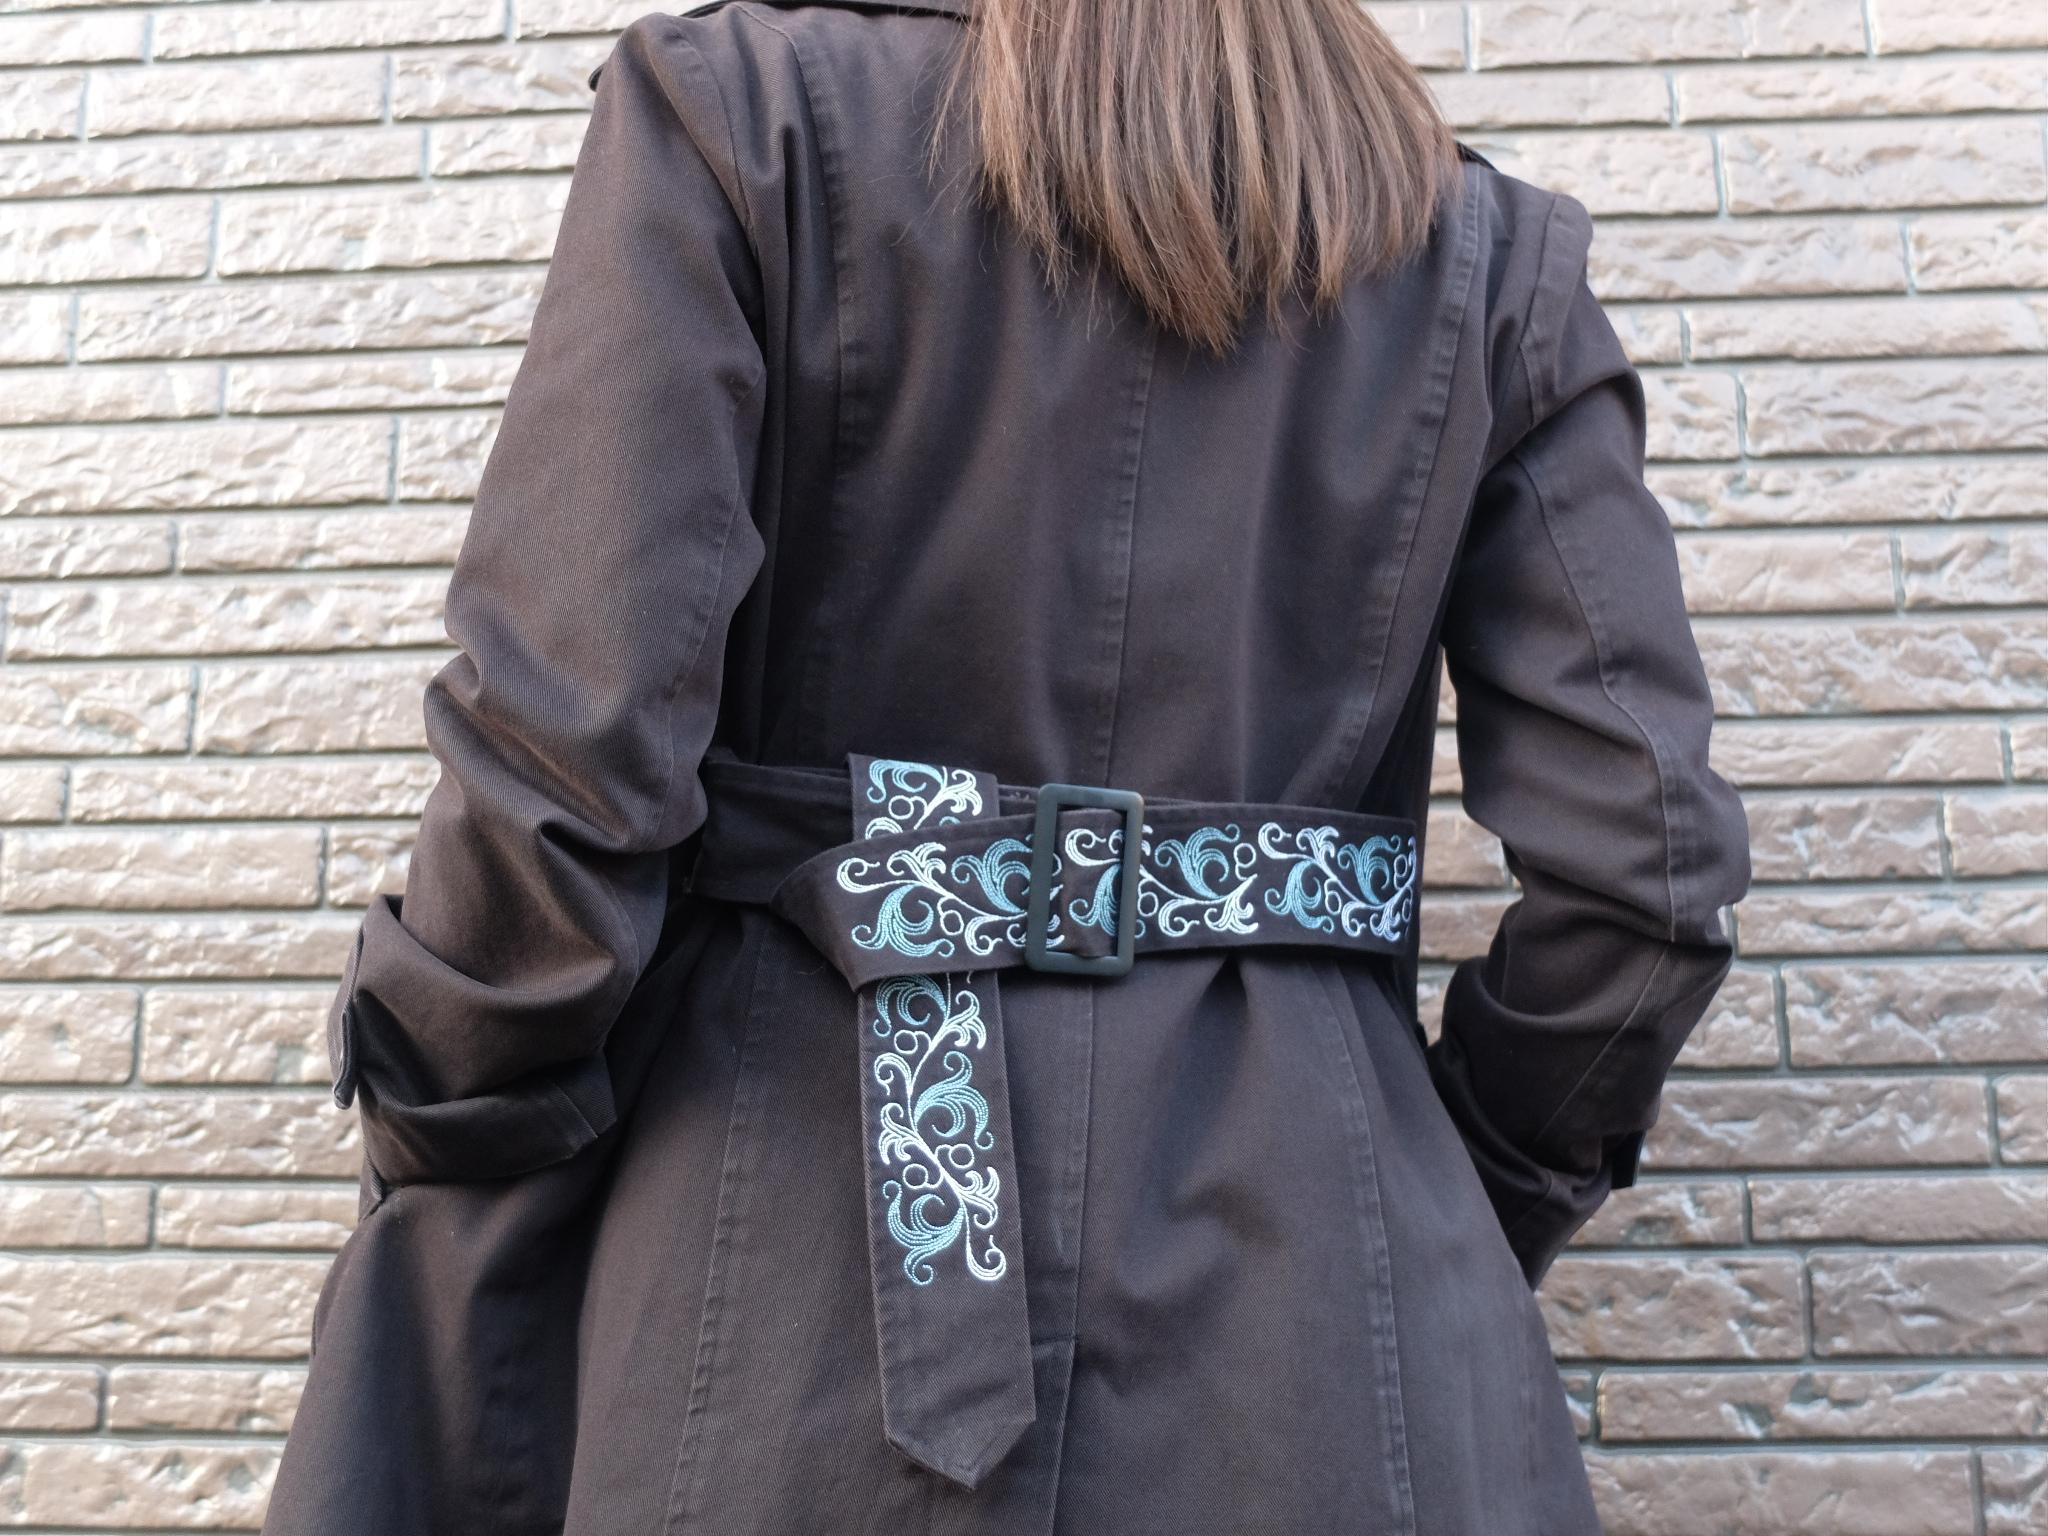 トレンチコート ベルト刺繍 アラベスク模様